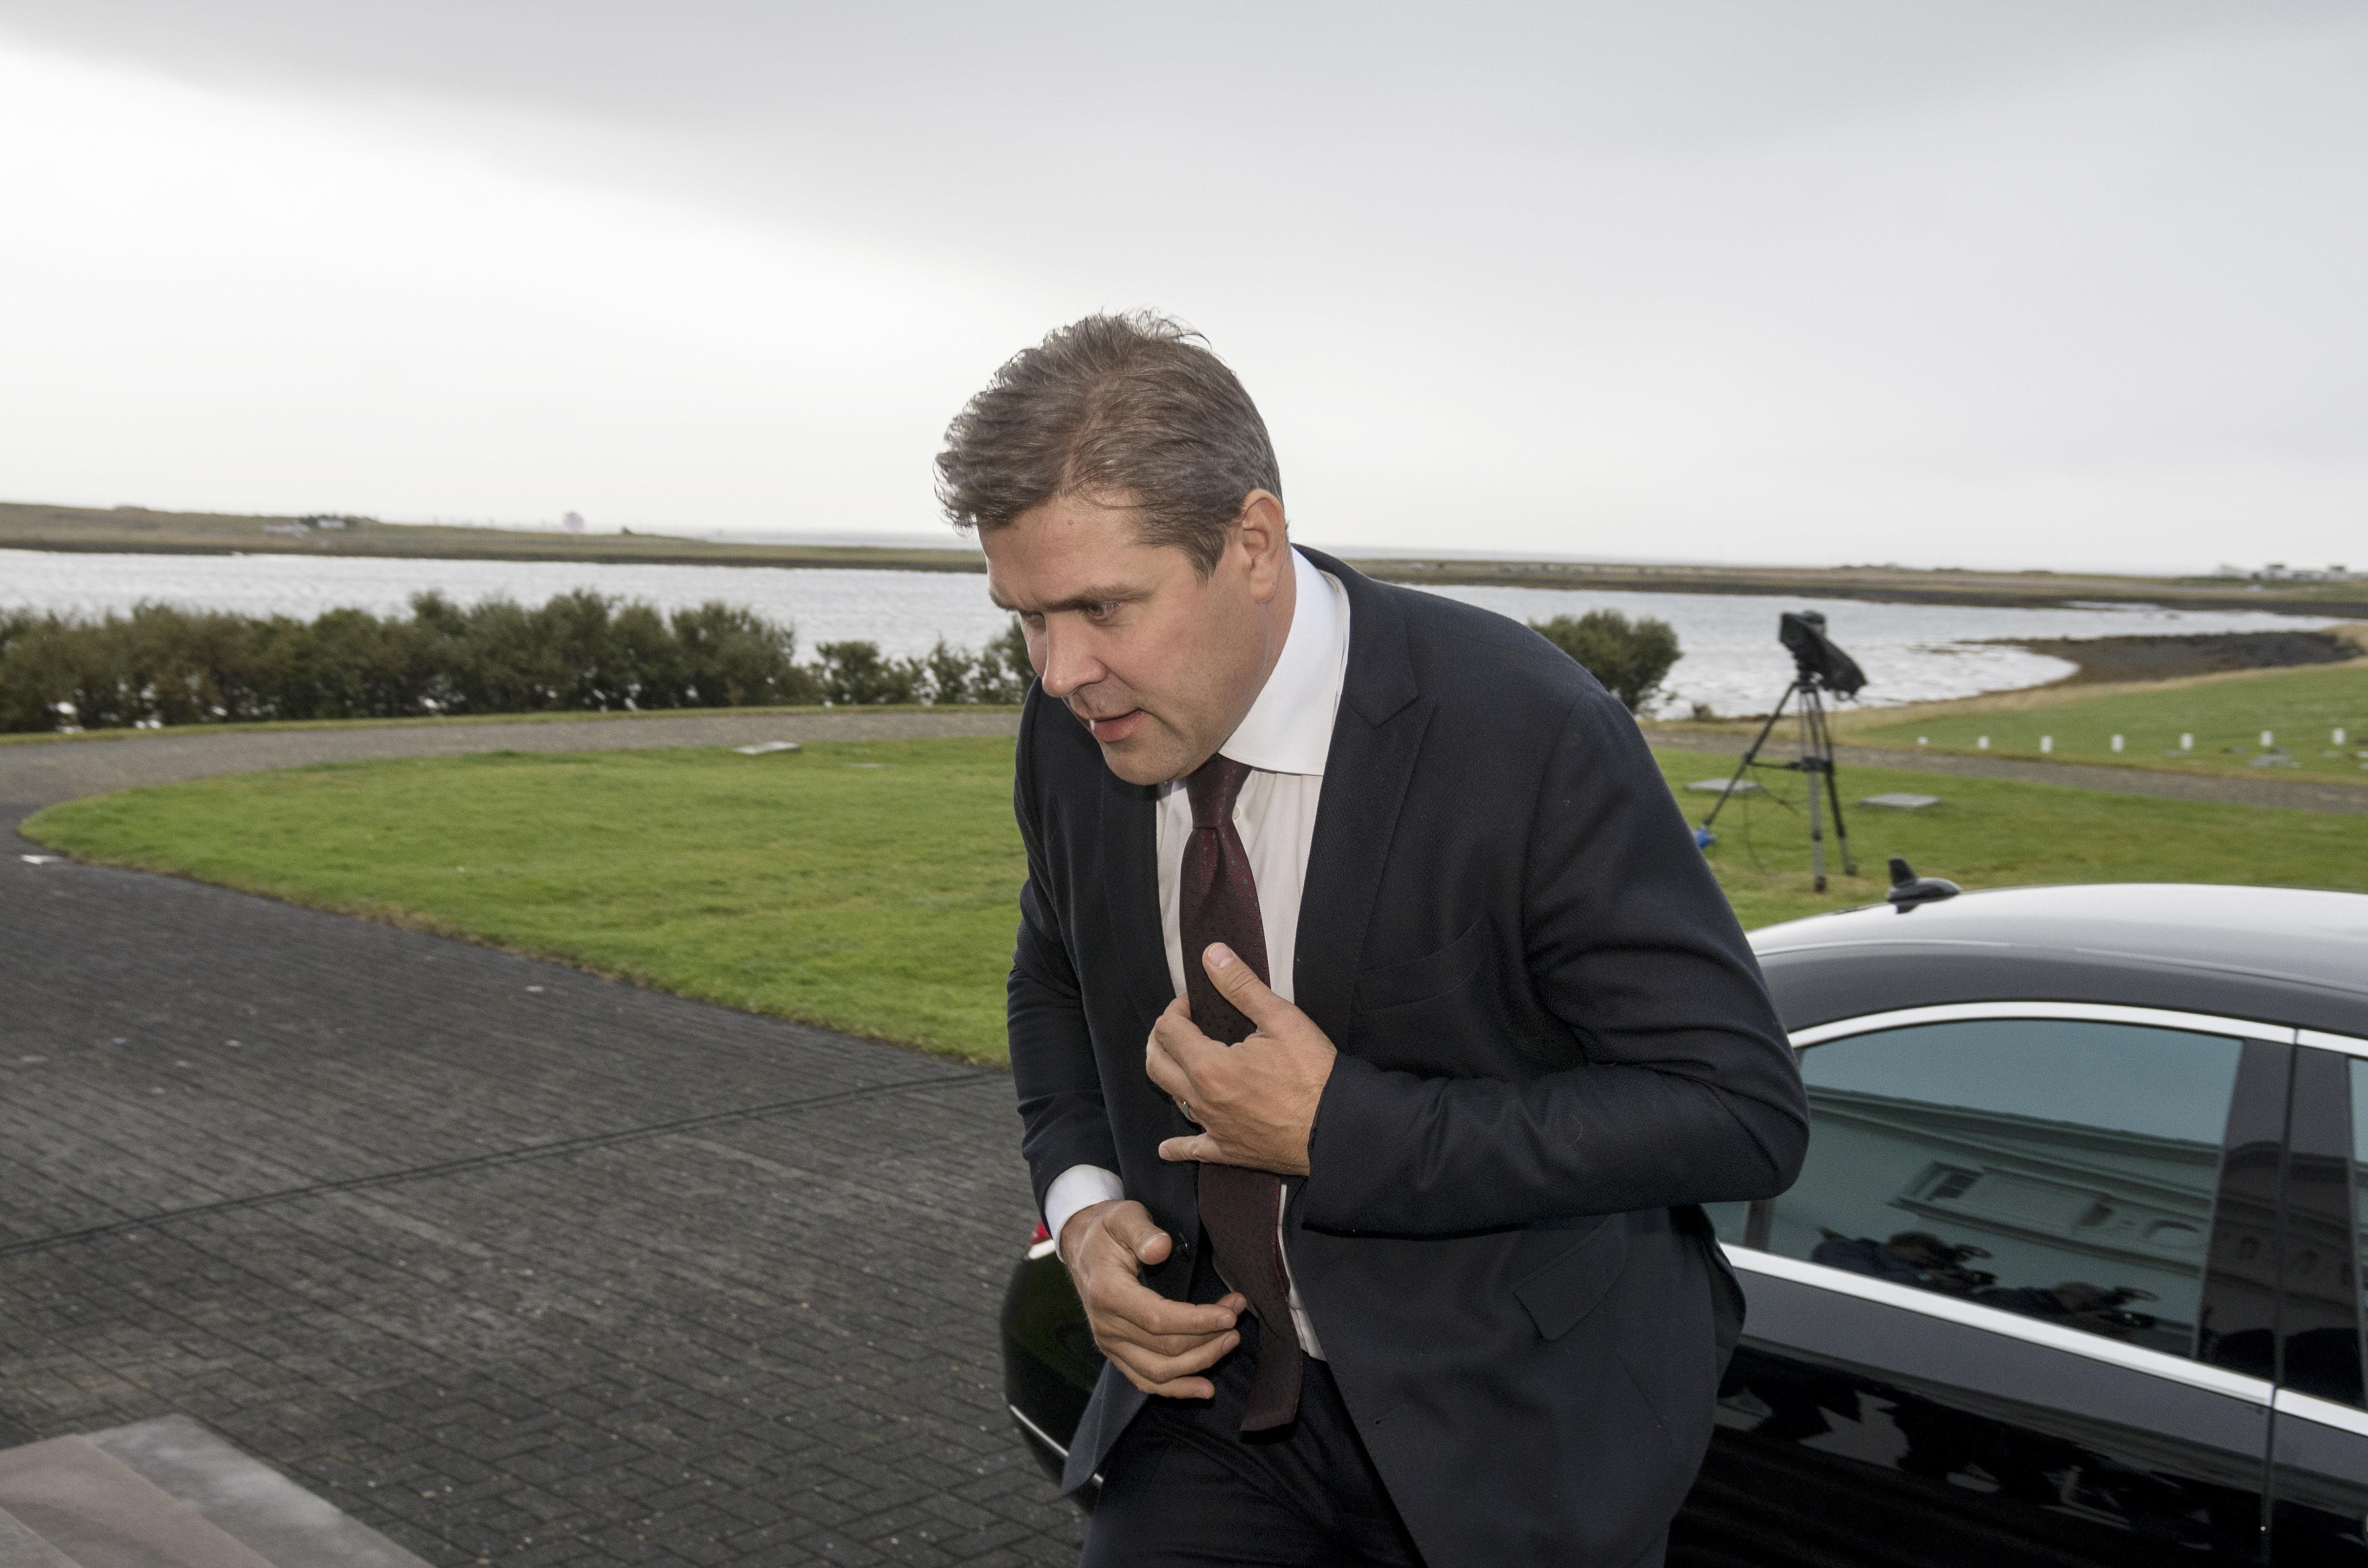 Iceland's Prime Minister Bjarni Benediktsson arrives at the Presidential residence in Bessastadir, Iceland September 16, 2017. REUTERS/Geirix